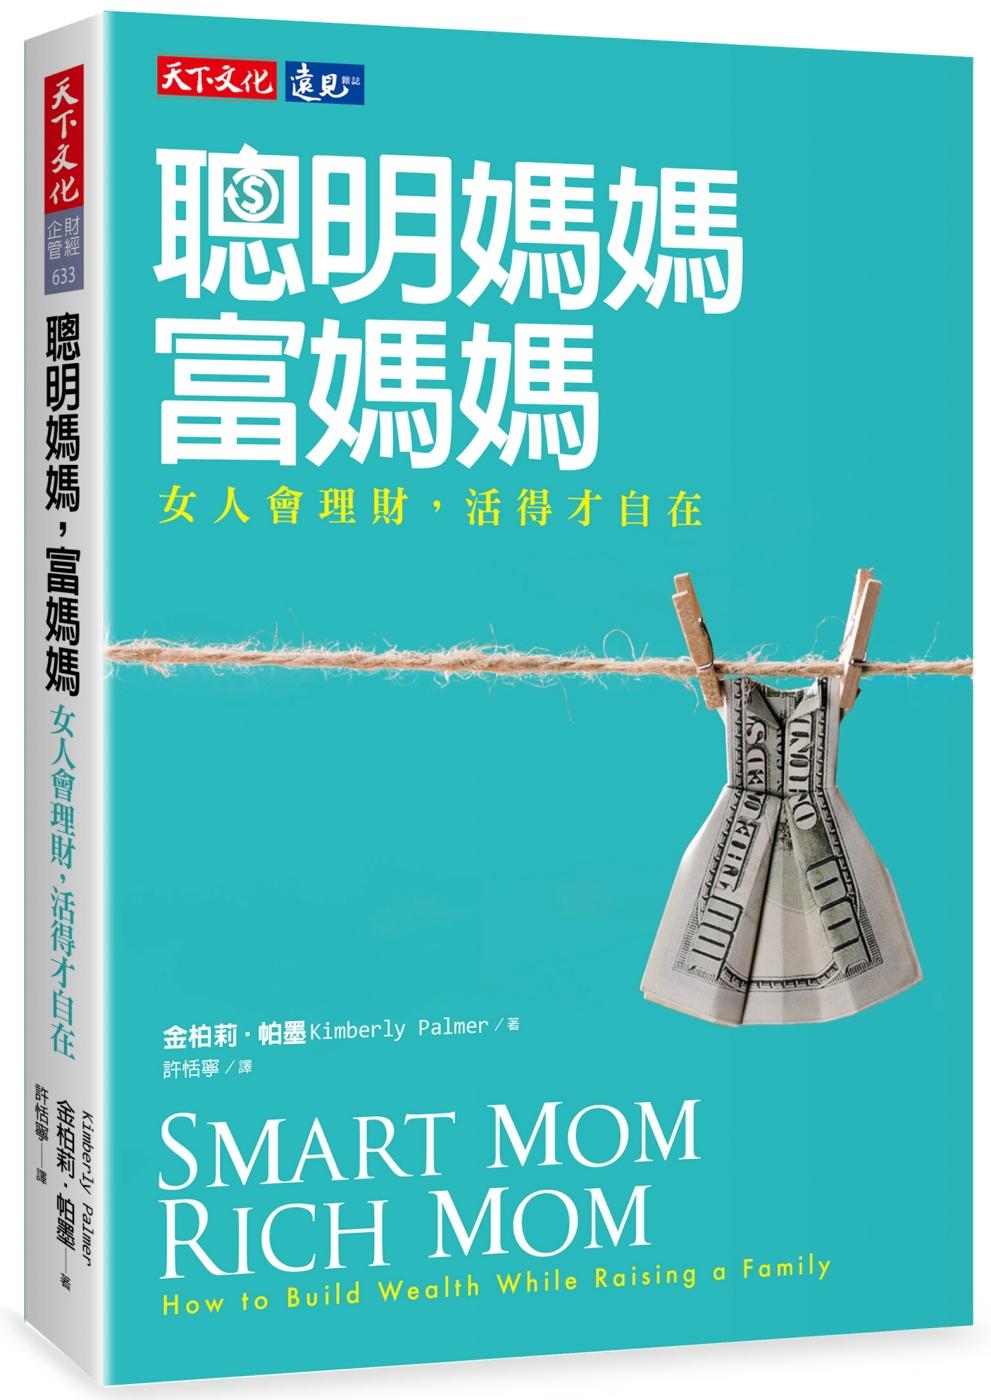 聰明媽媽,富媽媽:女人會理財,活得才自在